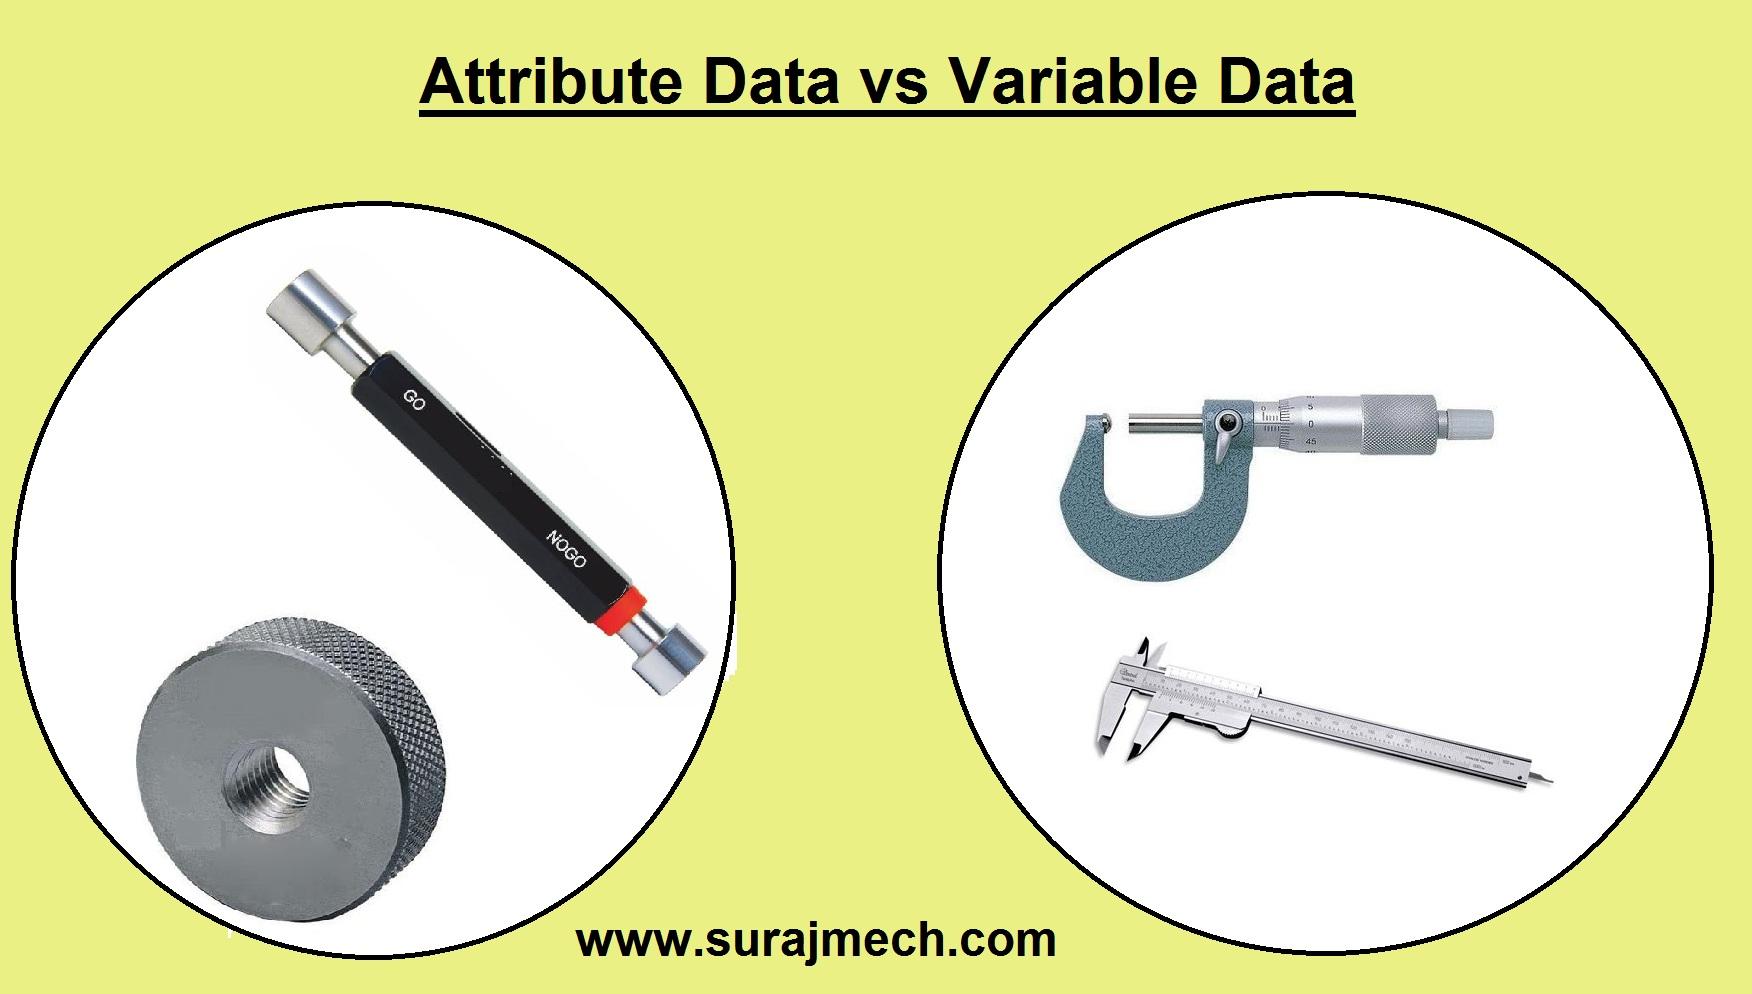 Attribute Data vs Variable Data / Discrete Data vs Continuous Data